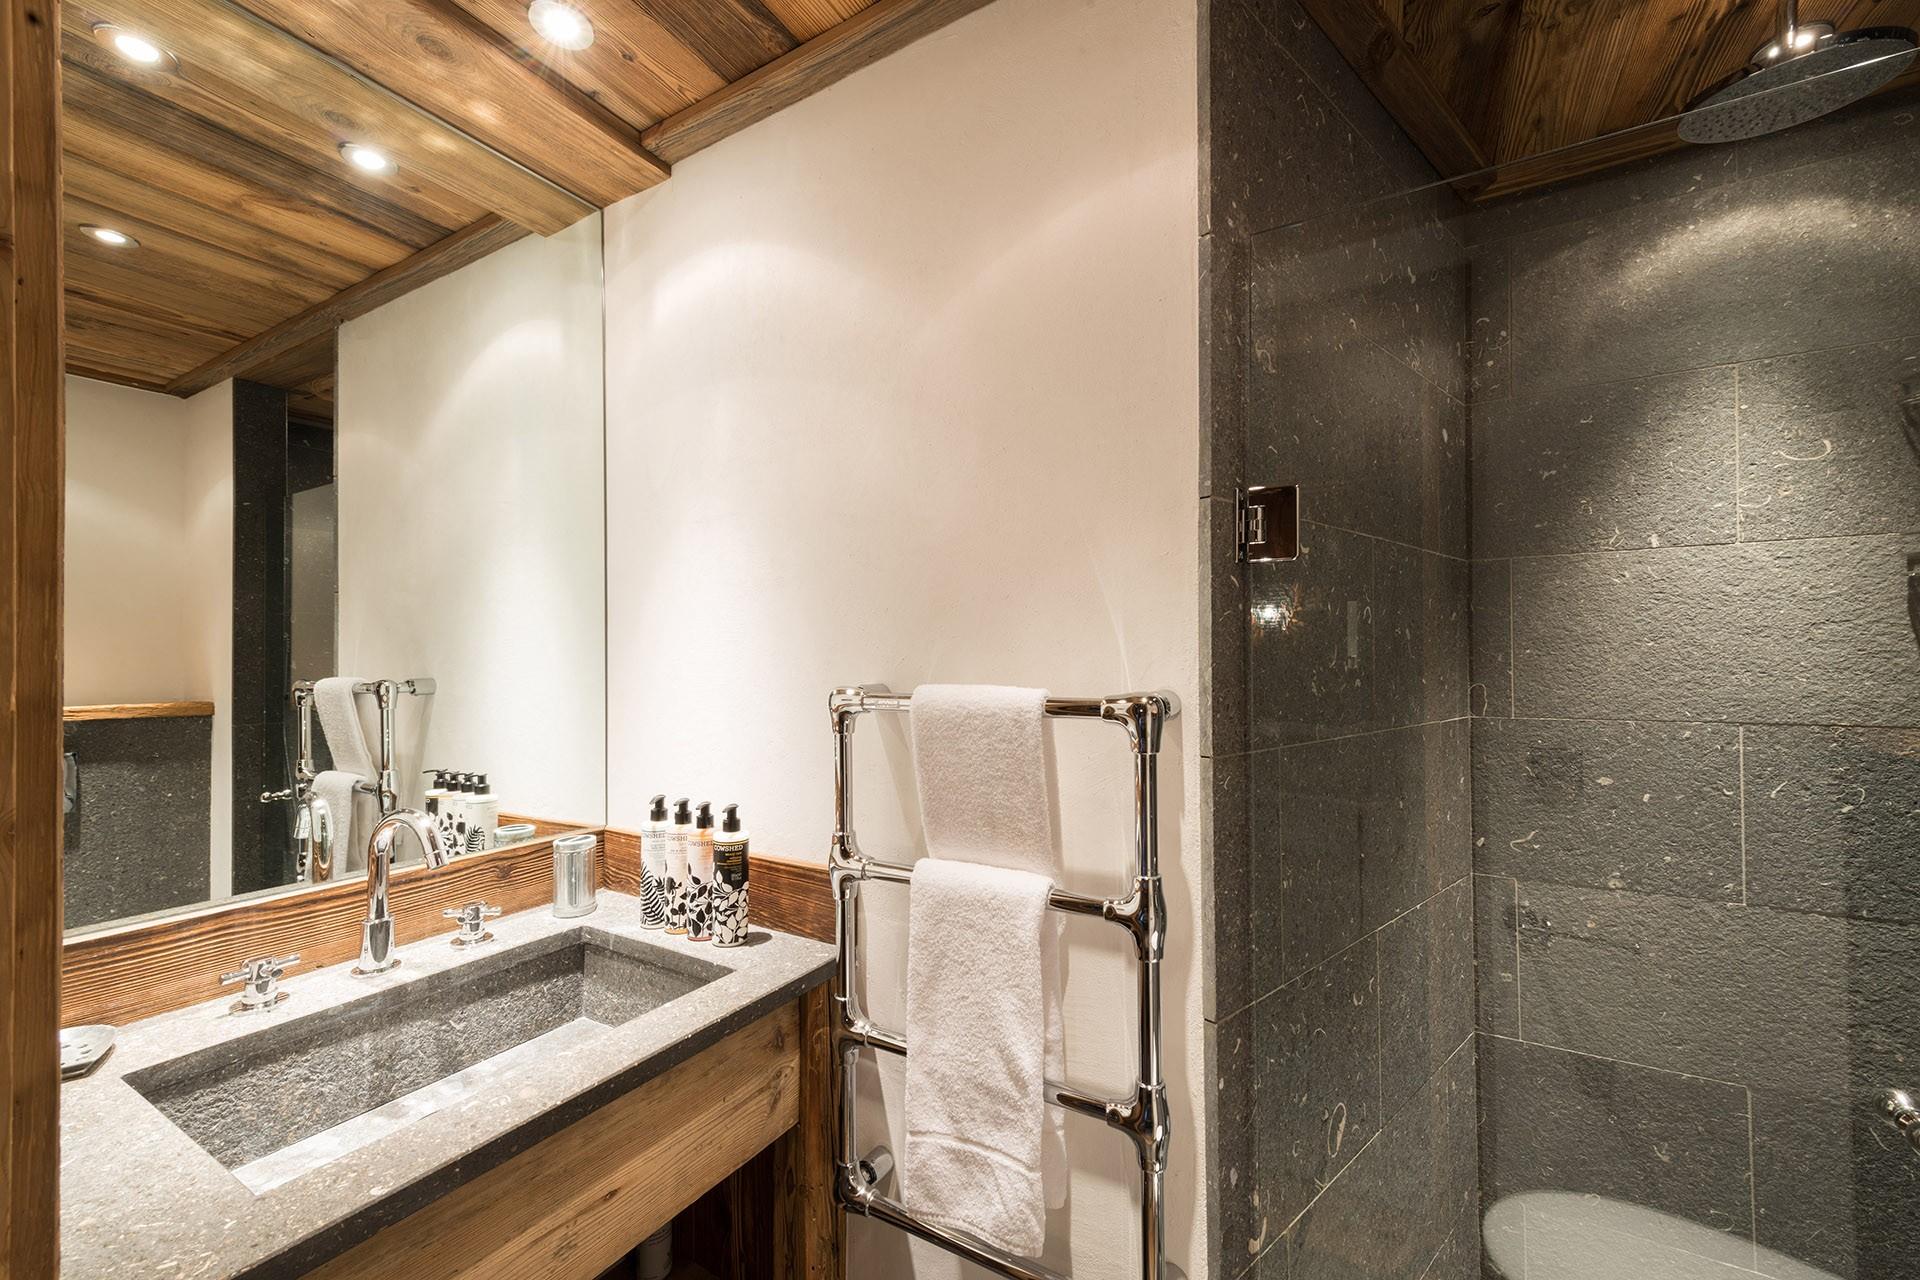 Val D'Isère Luxury Rental Chalet Umbite Shower Room